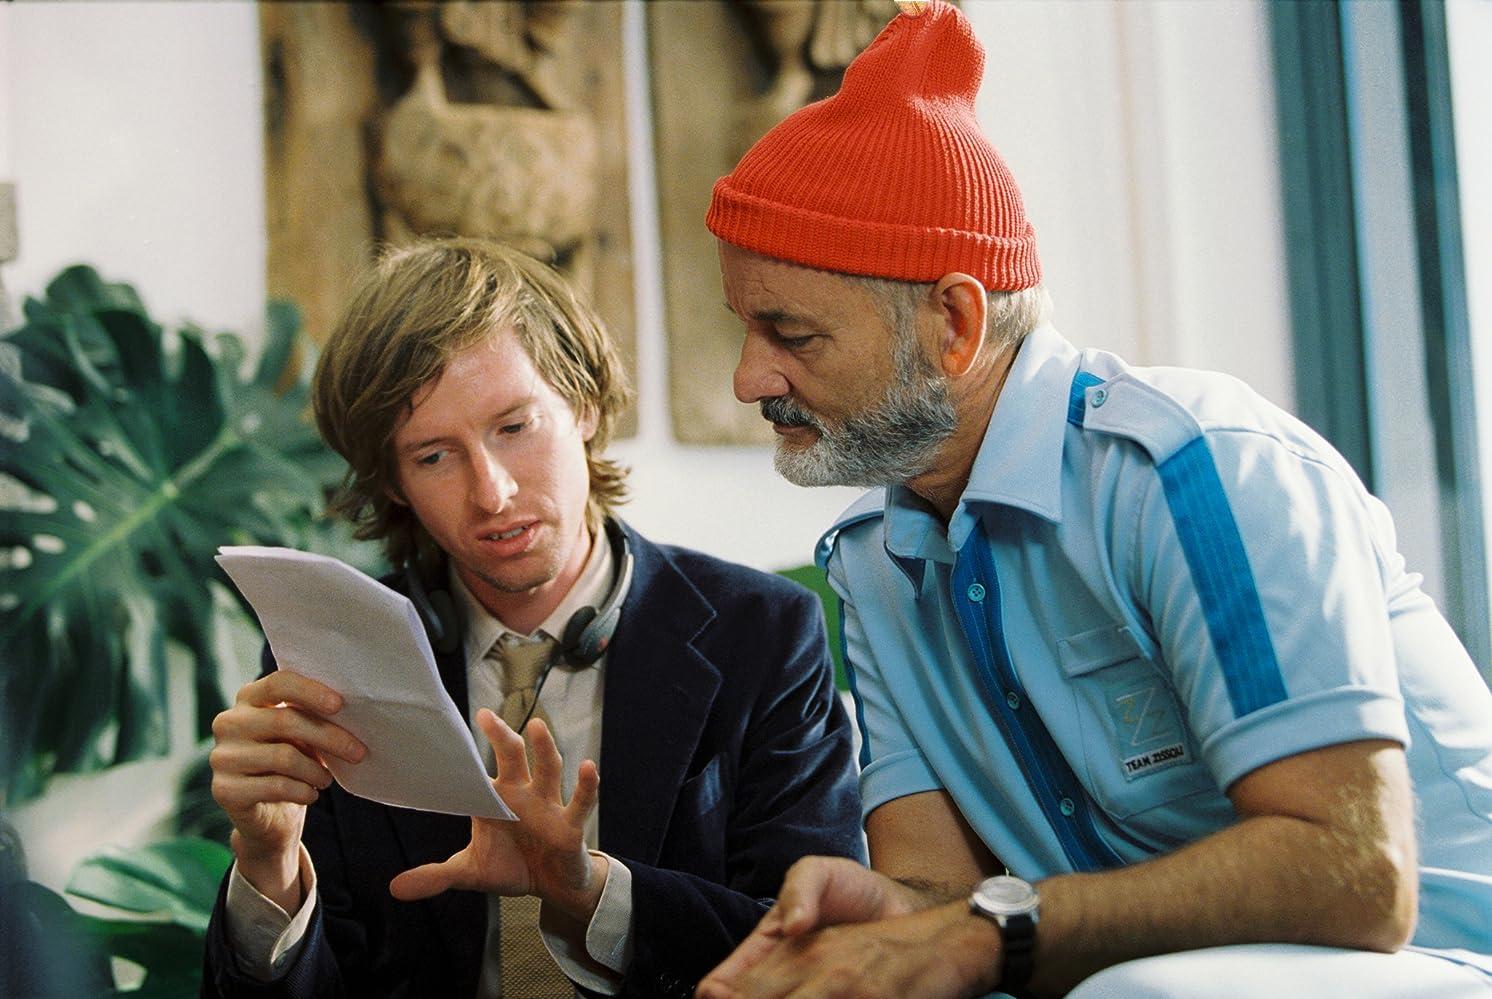 c276f1def01 The Life Aquatic with Steve Zissou (2004)